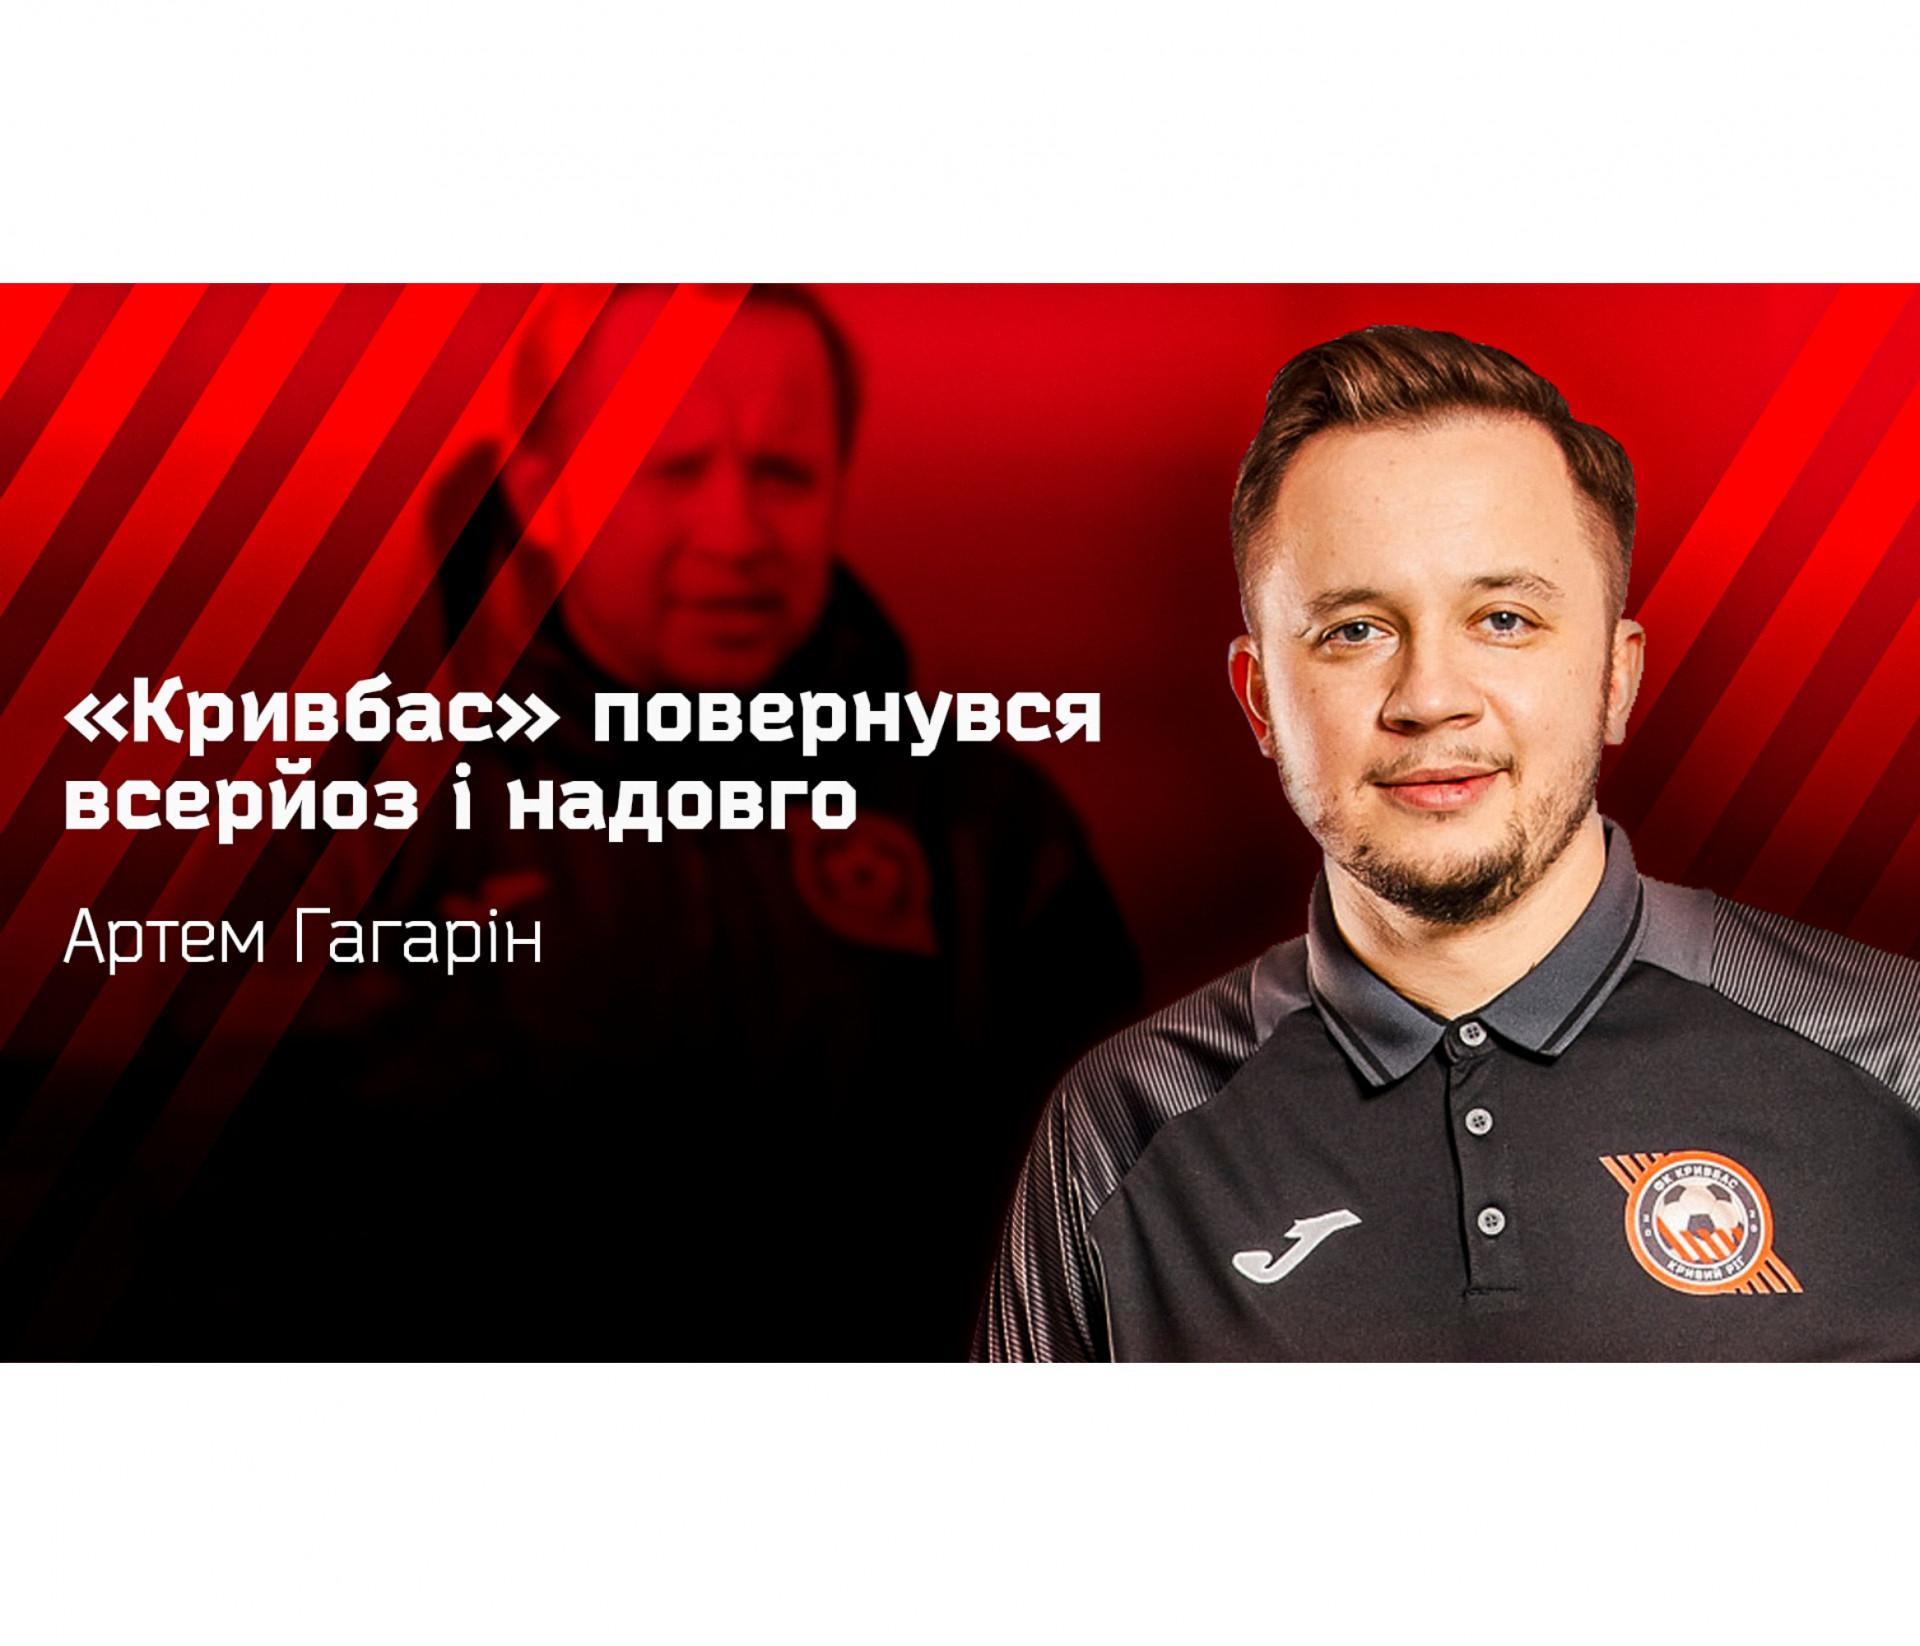 """Артем Гагарін: """"Кривбас"""" повернувся всерйоз і надовго}"""